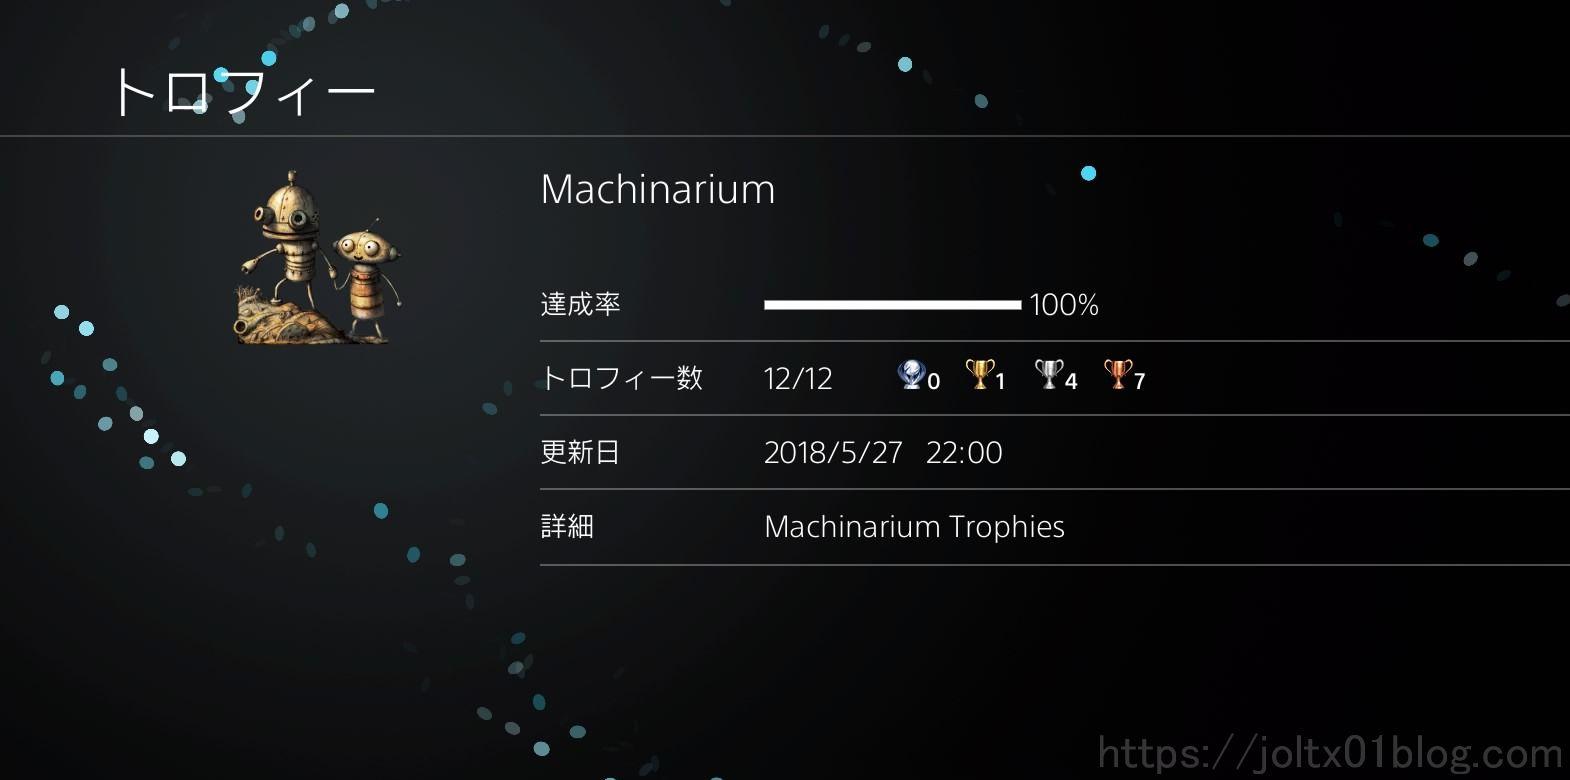 マシナリウム